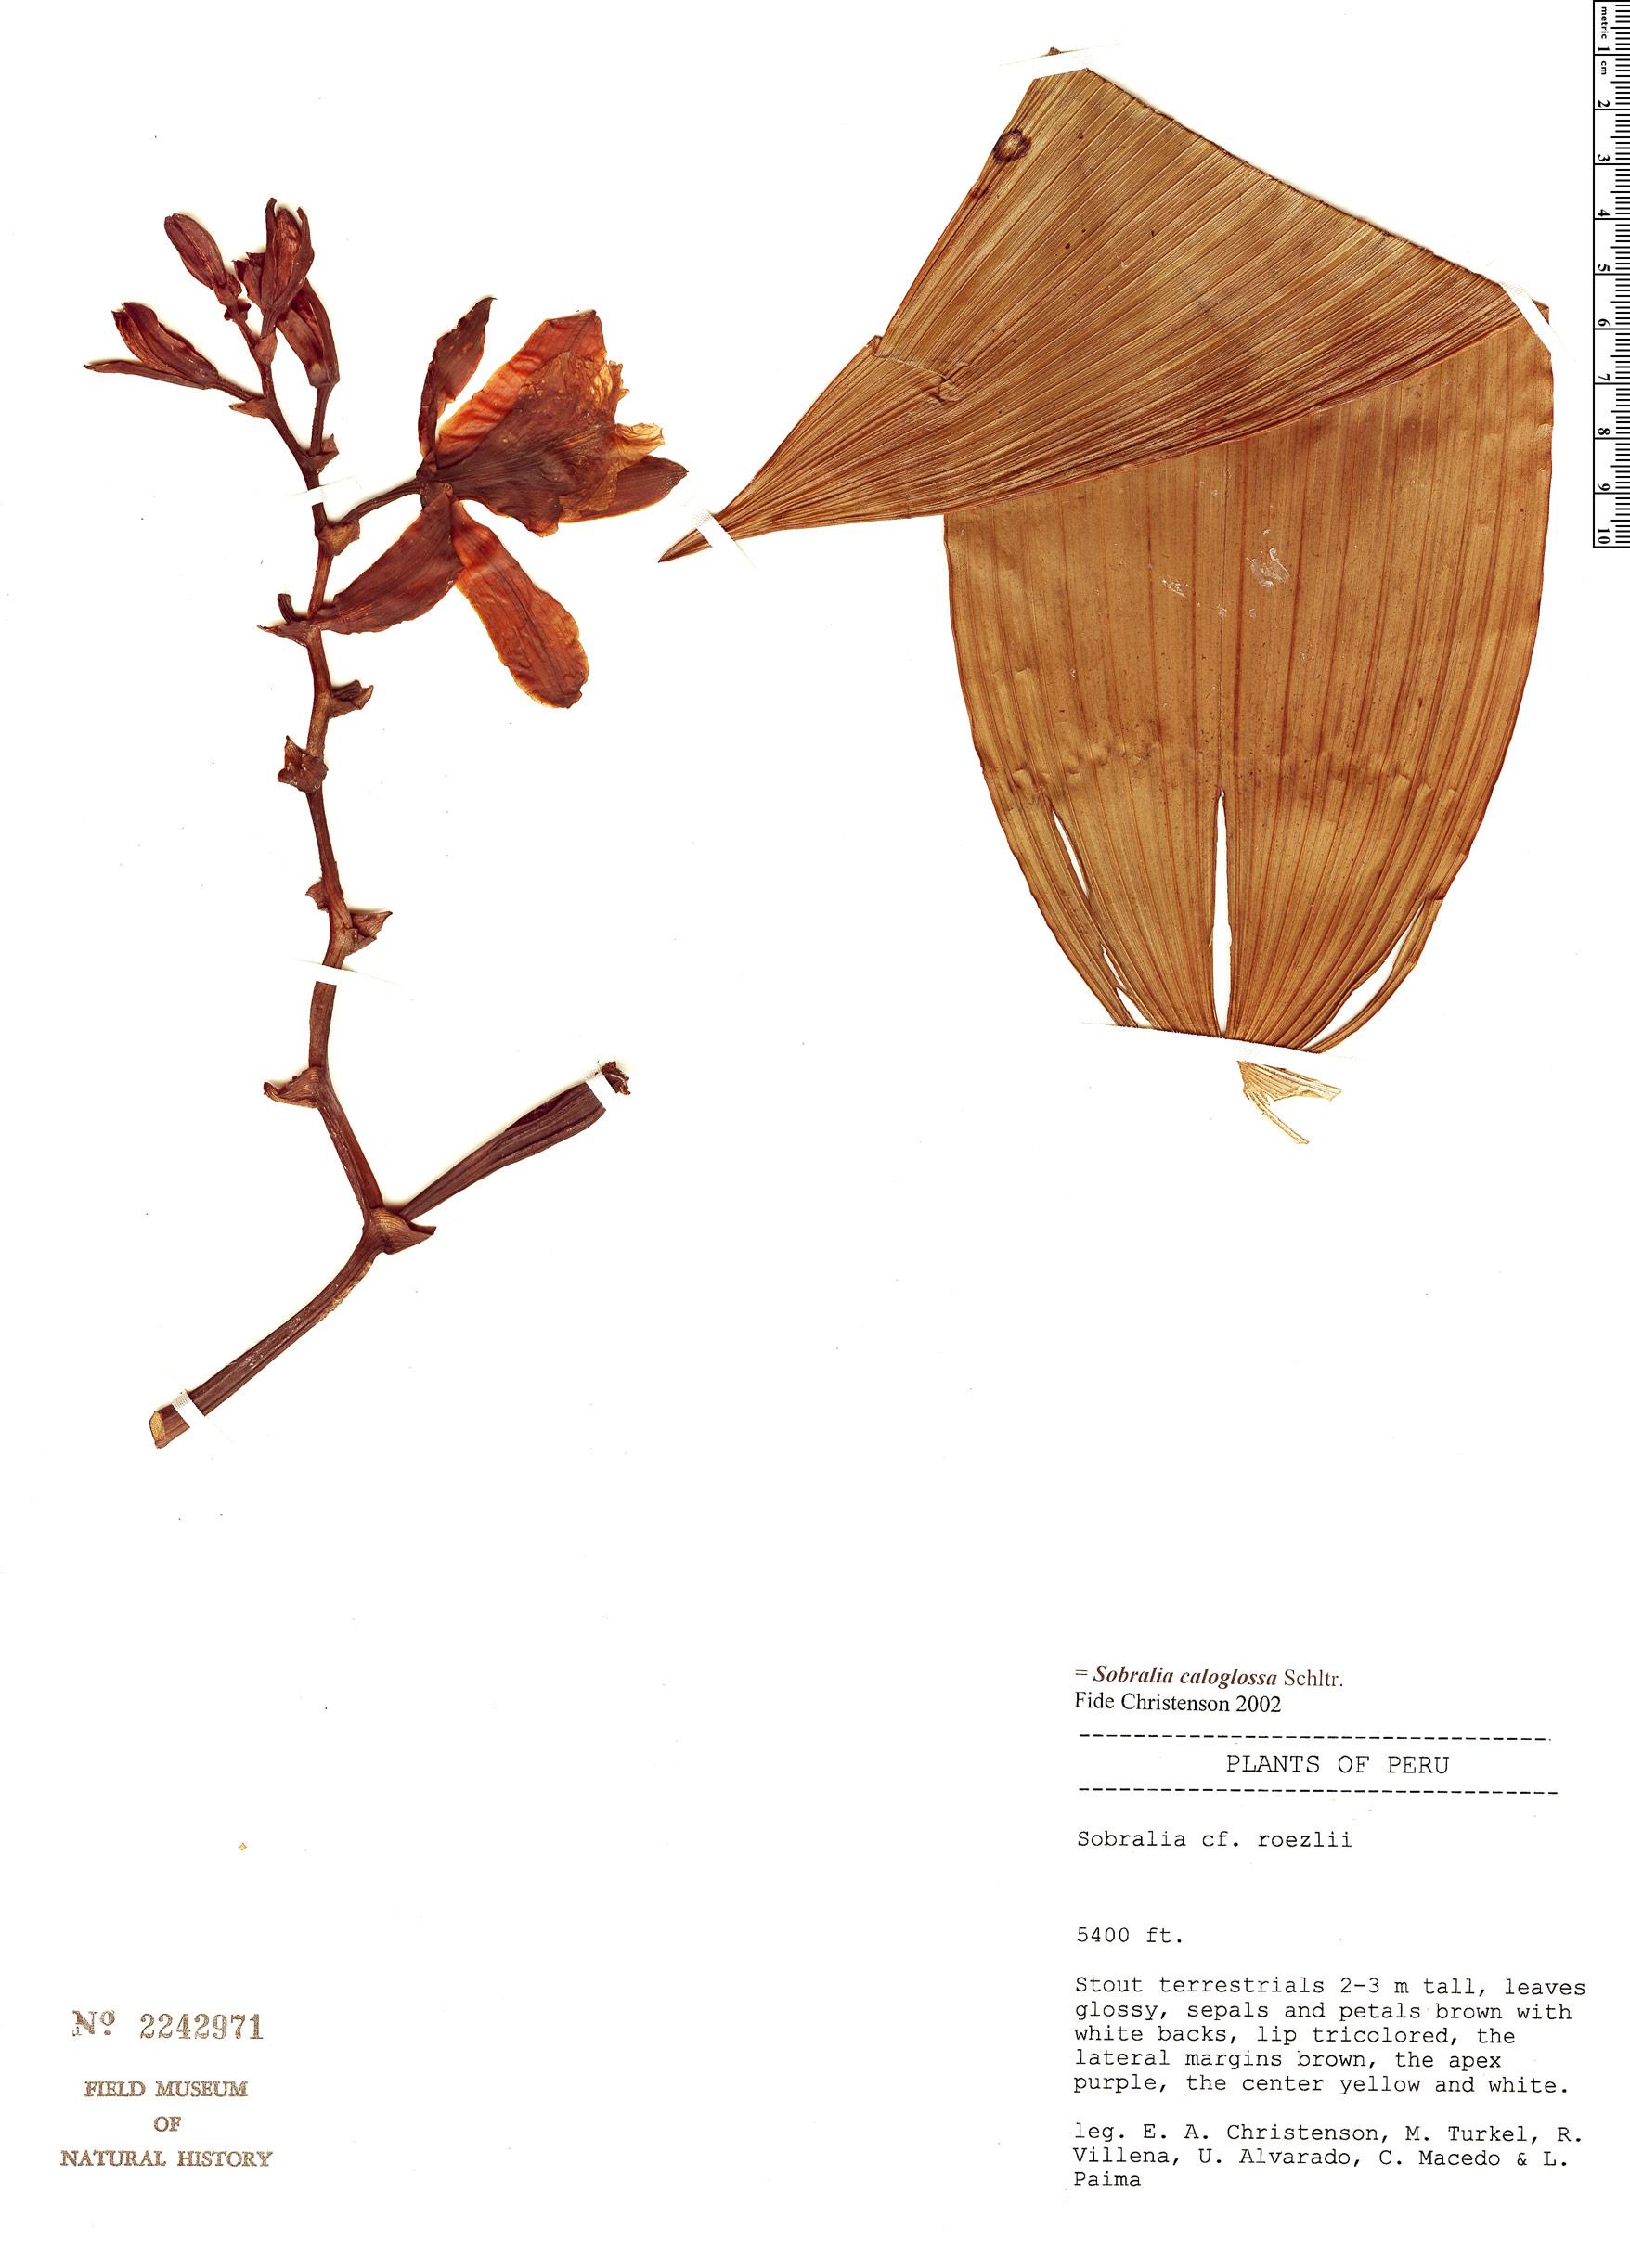 Specimen: Sobralia caloglossa